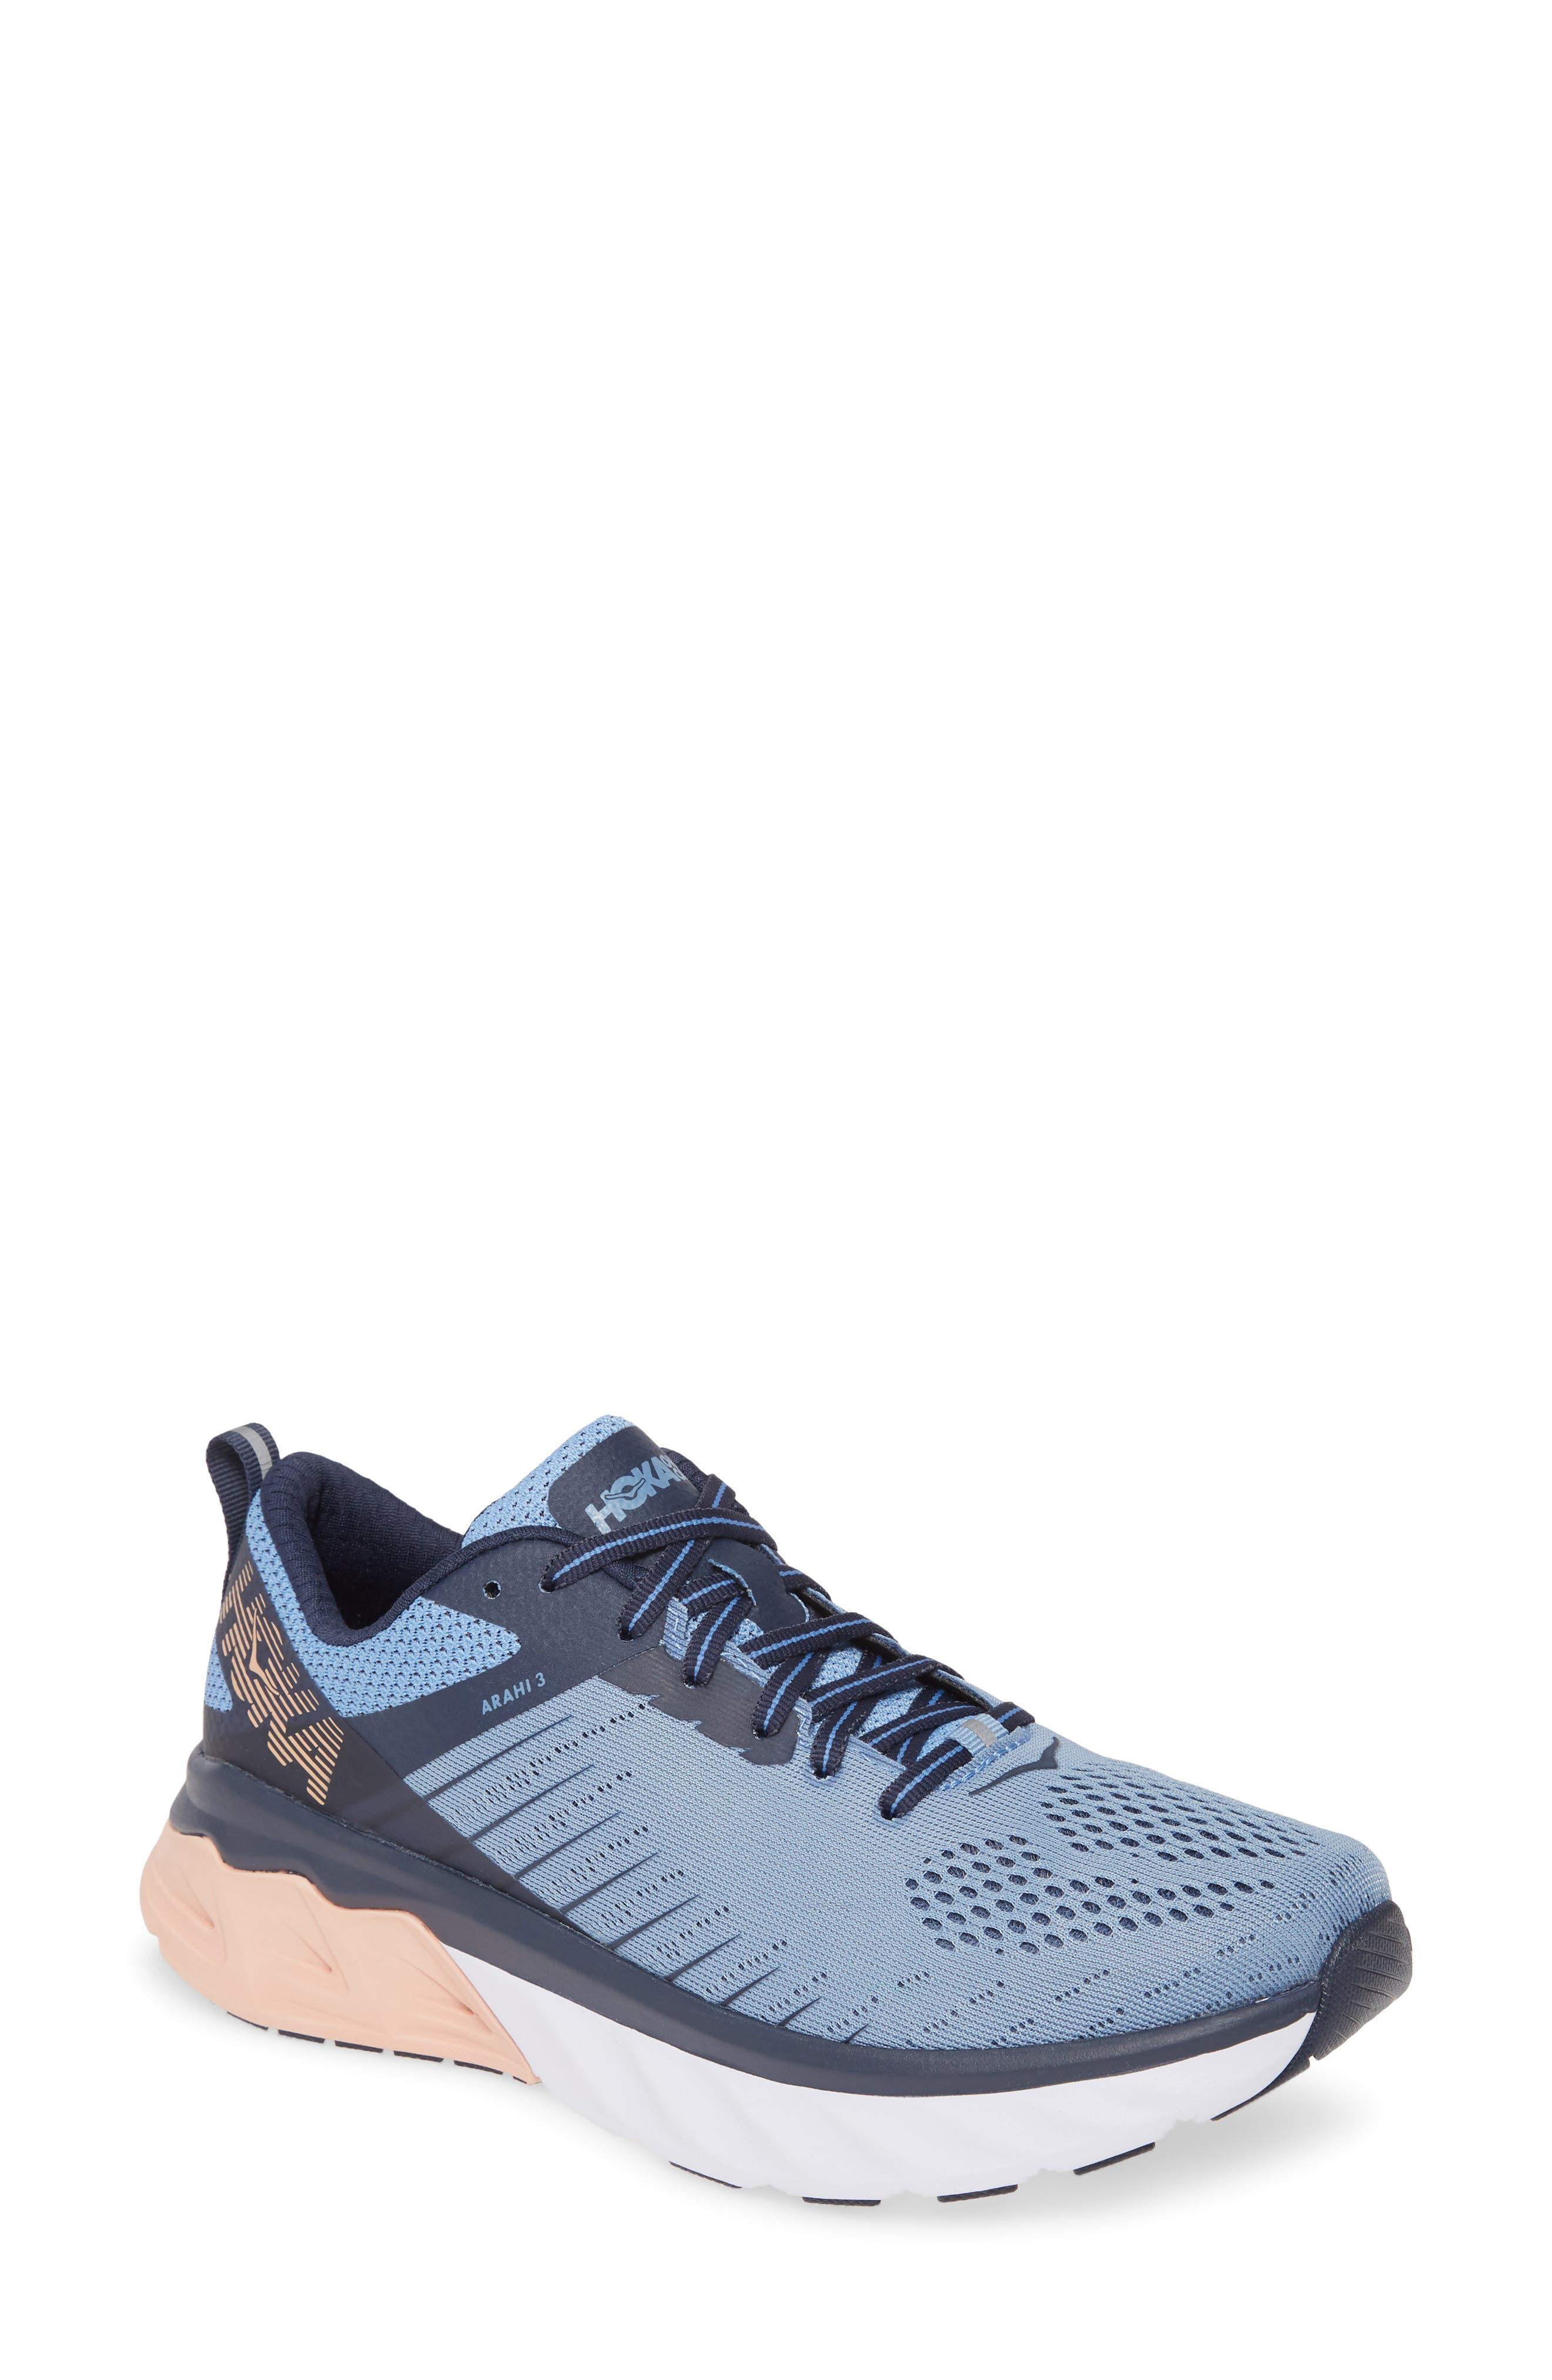 Hoka One One Arahi 3 Running Shoe- Blue